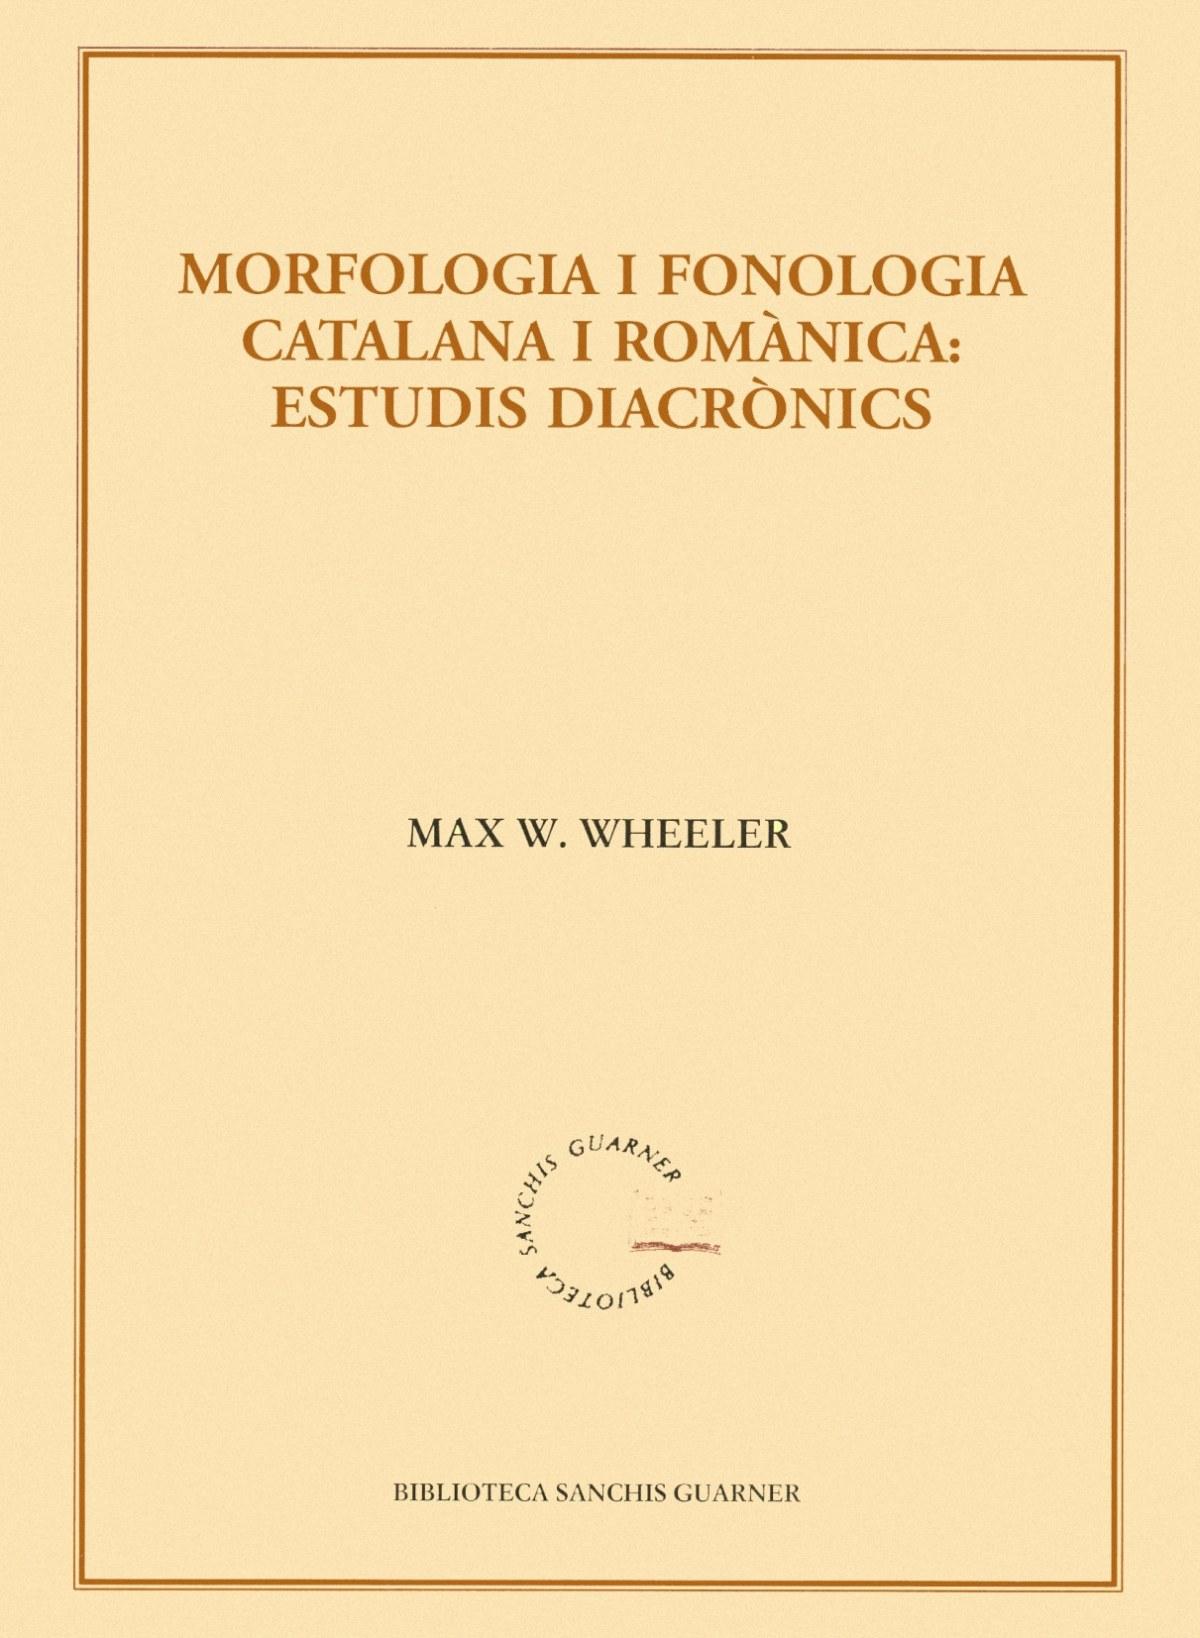 Morfologia i fonologia catalana i romànica: Estudis diacrònics